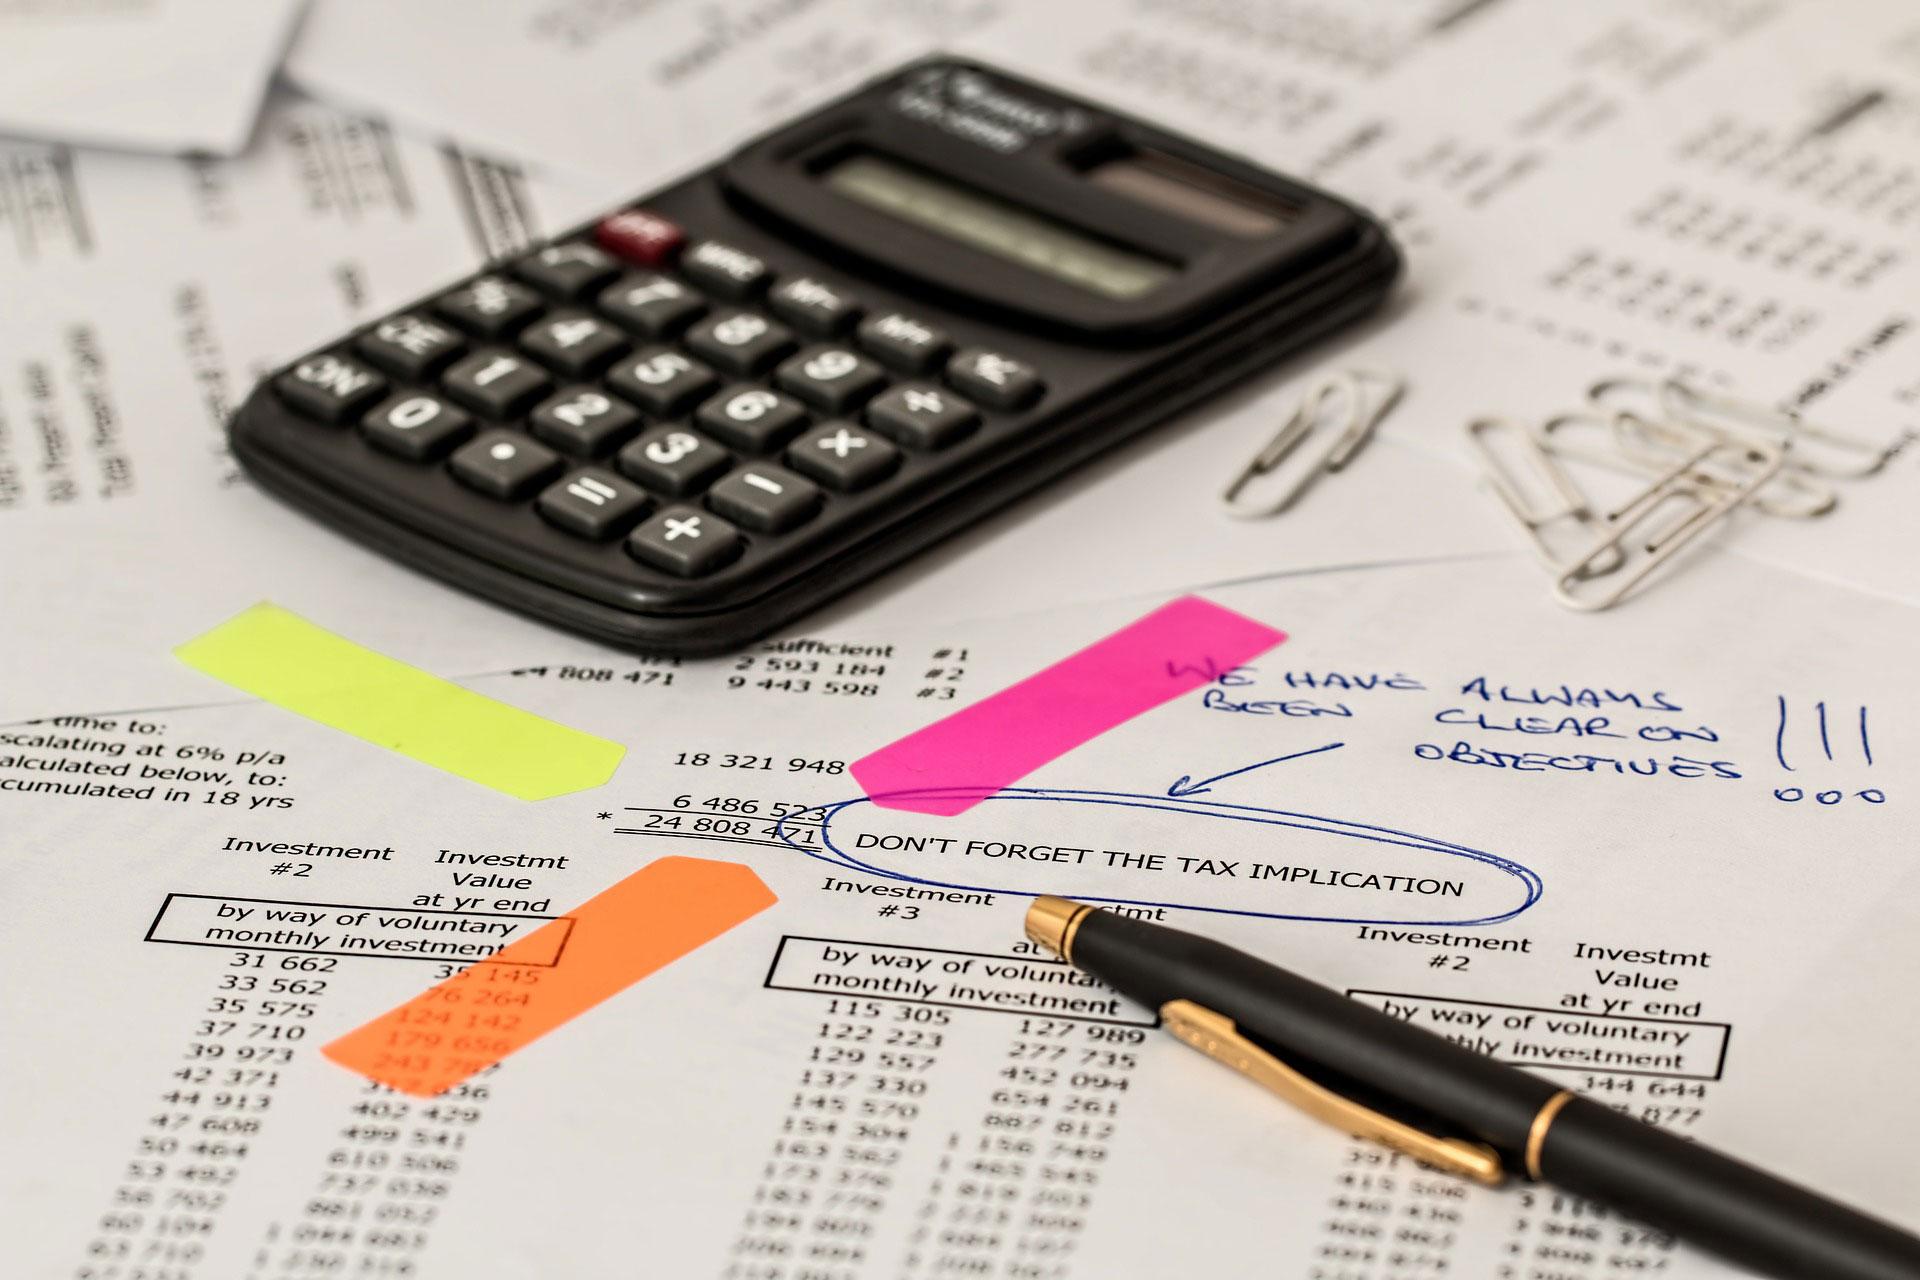 กรมสรรพากรเตือนใกล้ สิ้นสุดเวลายื่นแบบแสดงรายการภาษีเงินได้นิติบุคคลครึ่งปี (ภ.ง.ด.51) ปี 2561